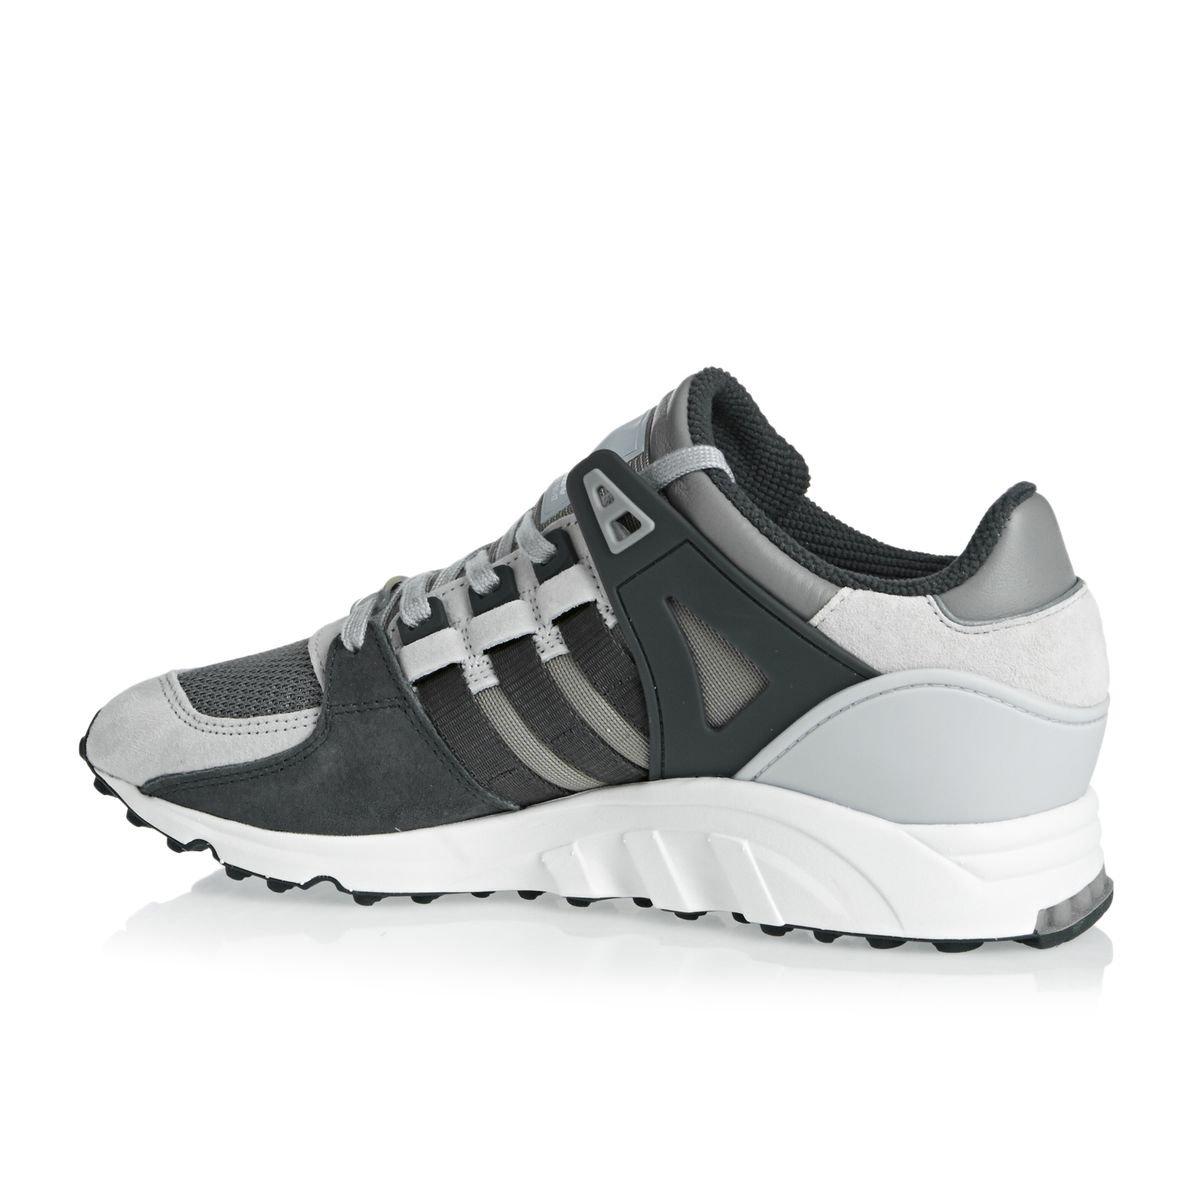 Adidas EQT Support RF Solid grau Dark Dark Dark grau Light grau f36347